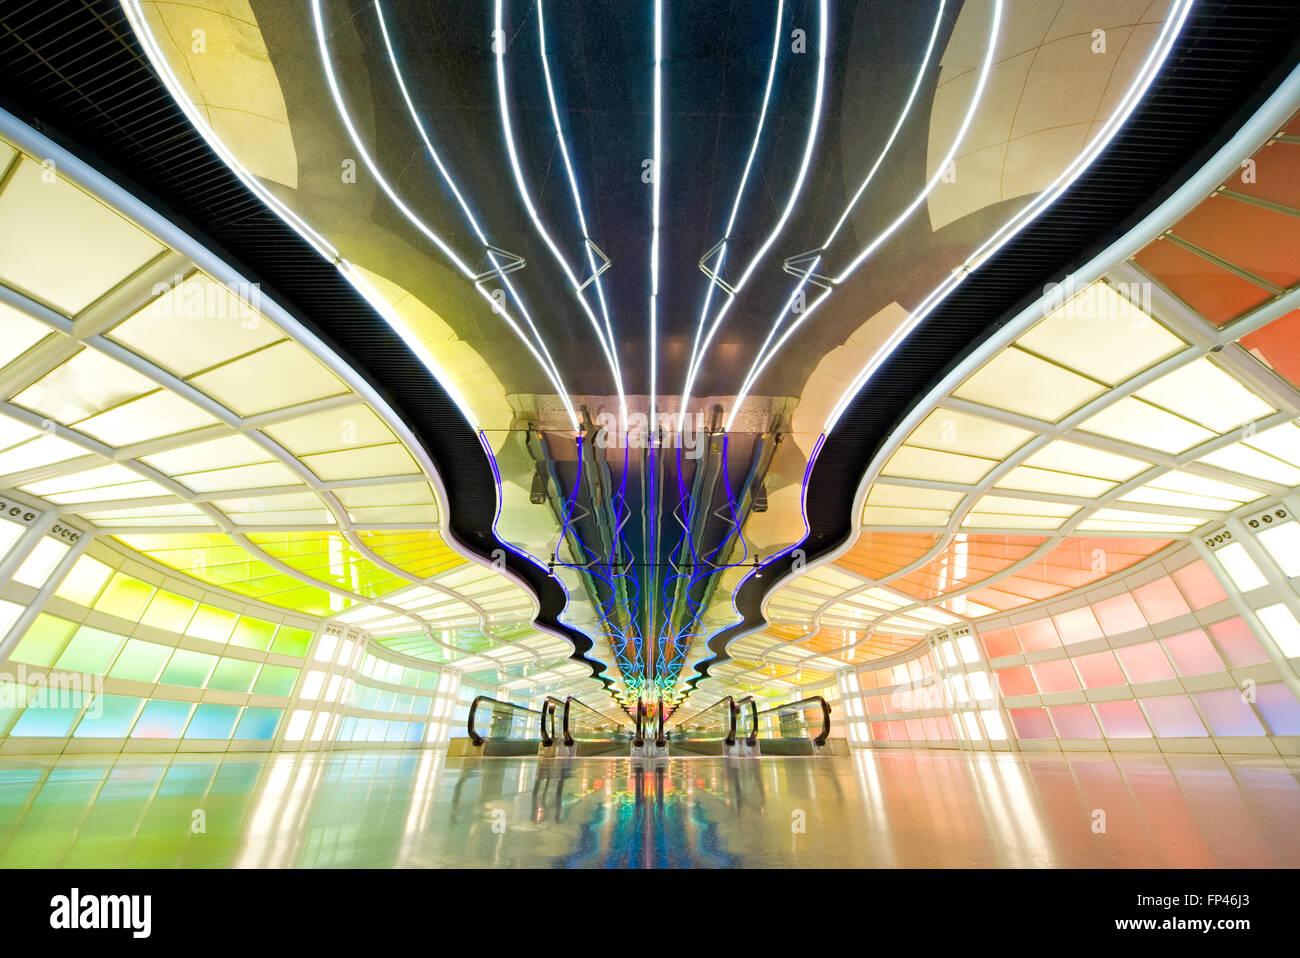 L'Aeroporto Internazionale Chicago O'Hare. Tunnel tra sale B e C del Regno del terminale mobile con luci Immagini Stock